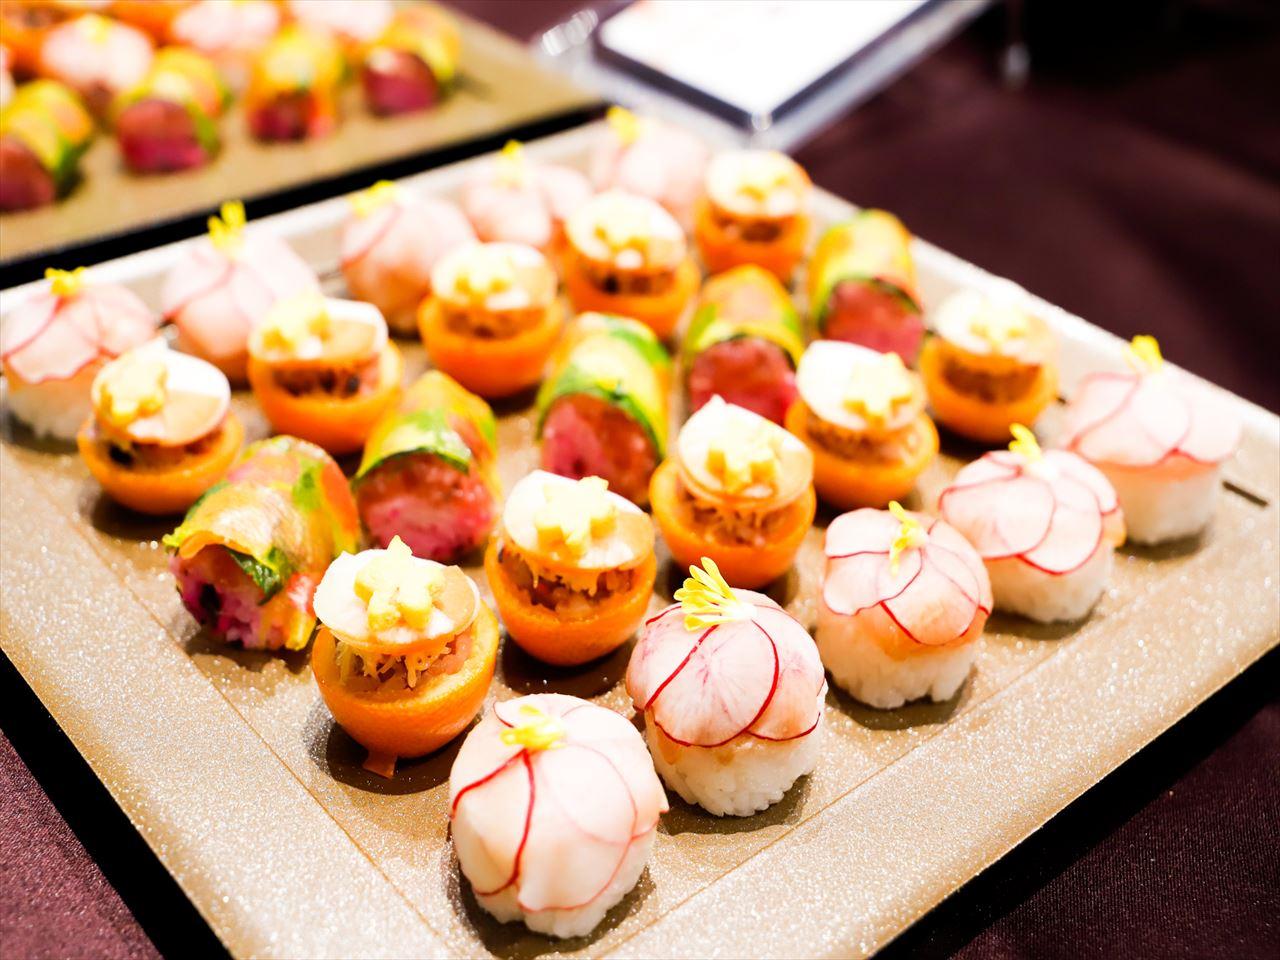 【ボリューム満点】特製創作寿司つき!フォリクラッセの本格パーティー向け豪華ケータリングプラン画像0